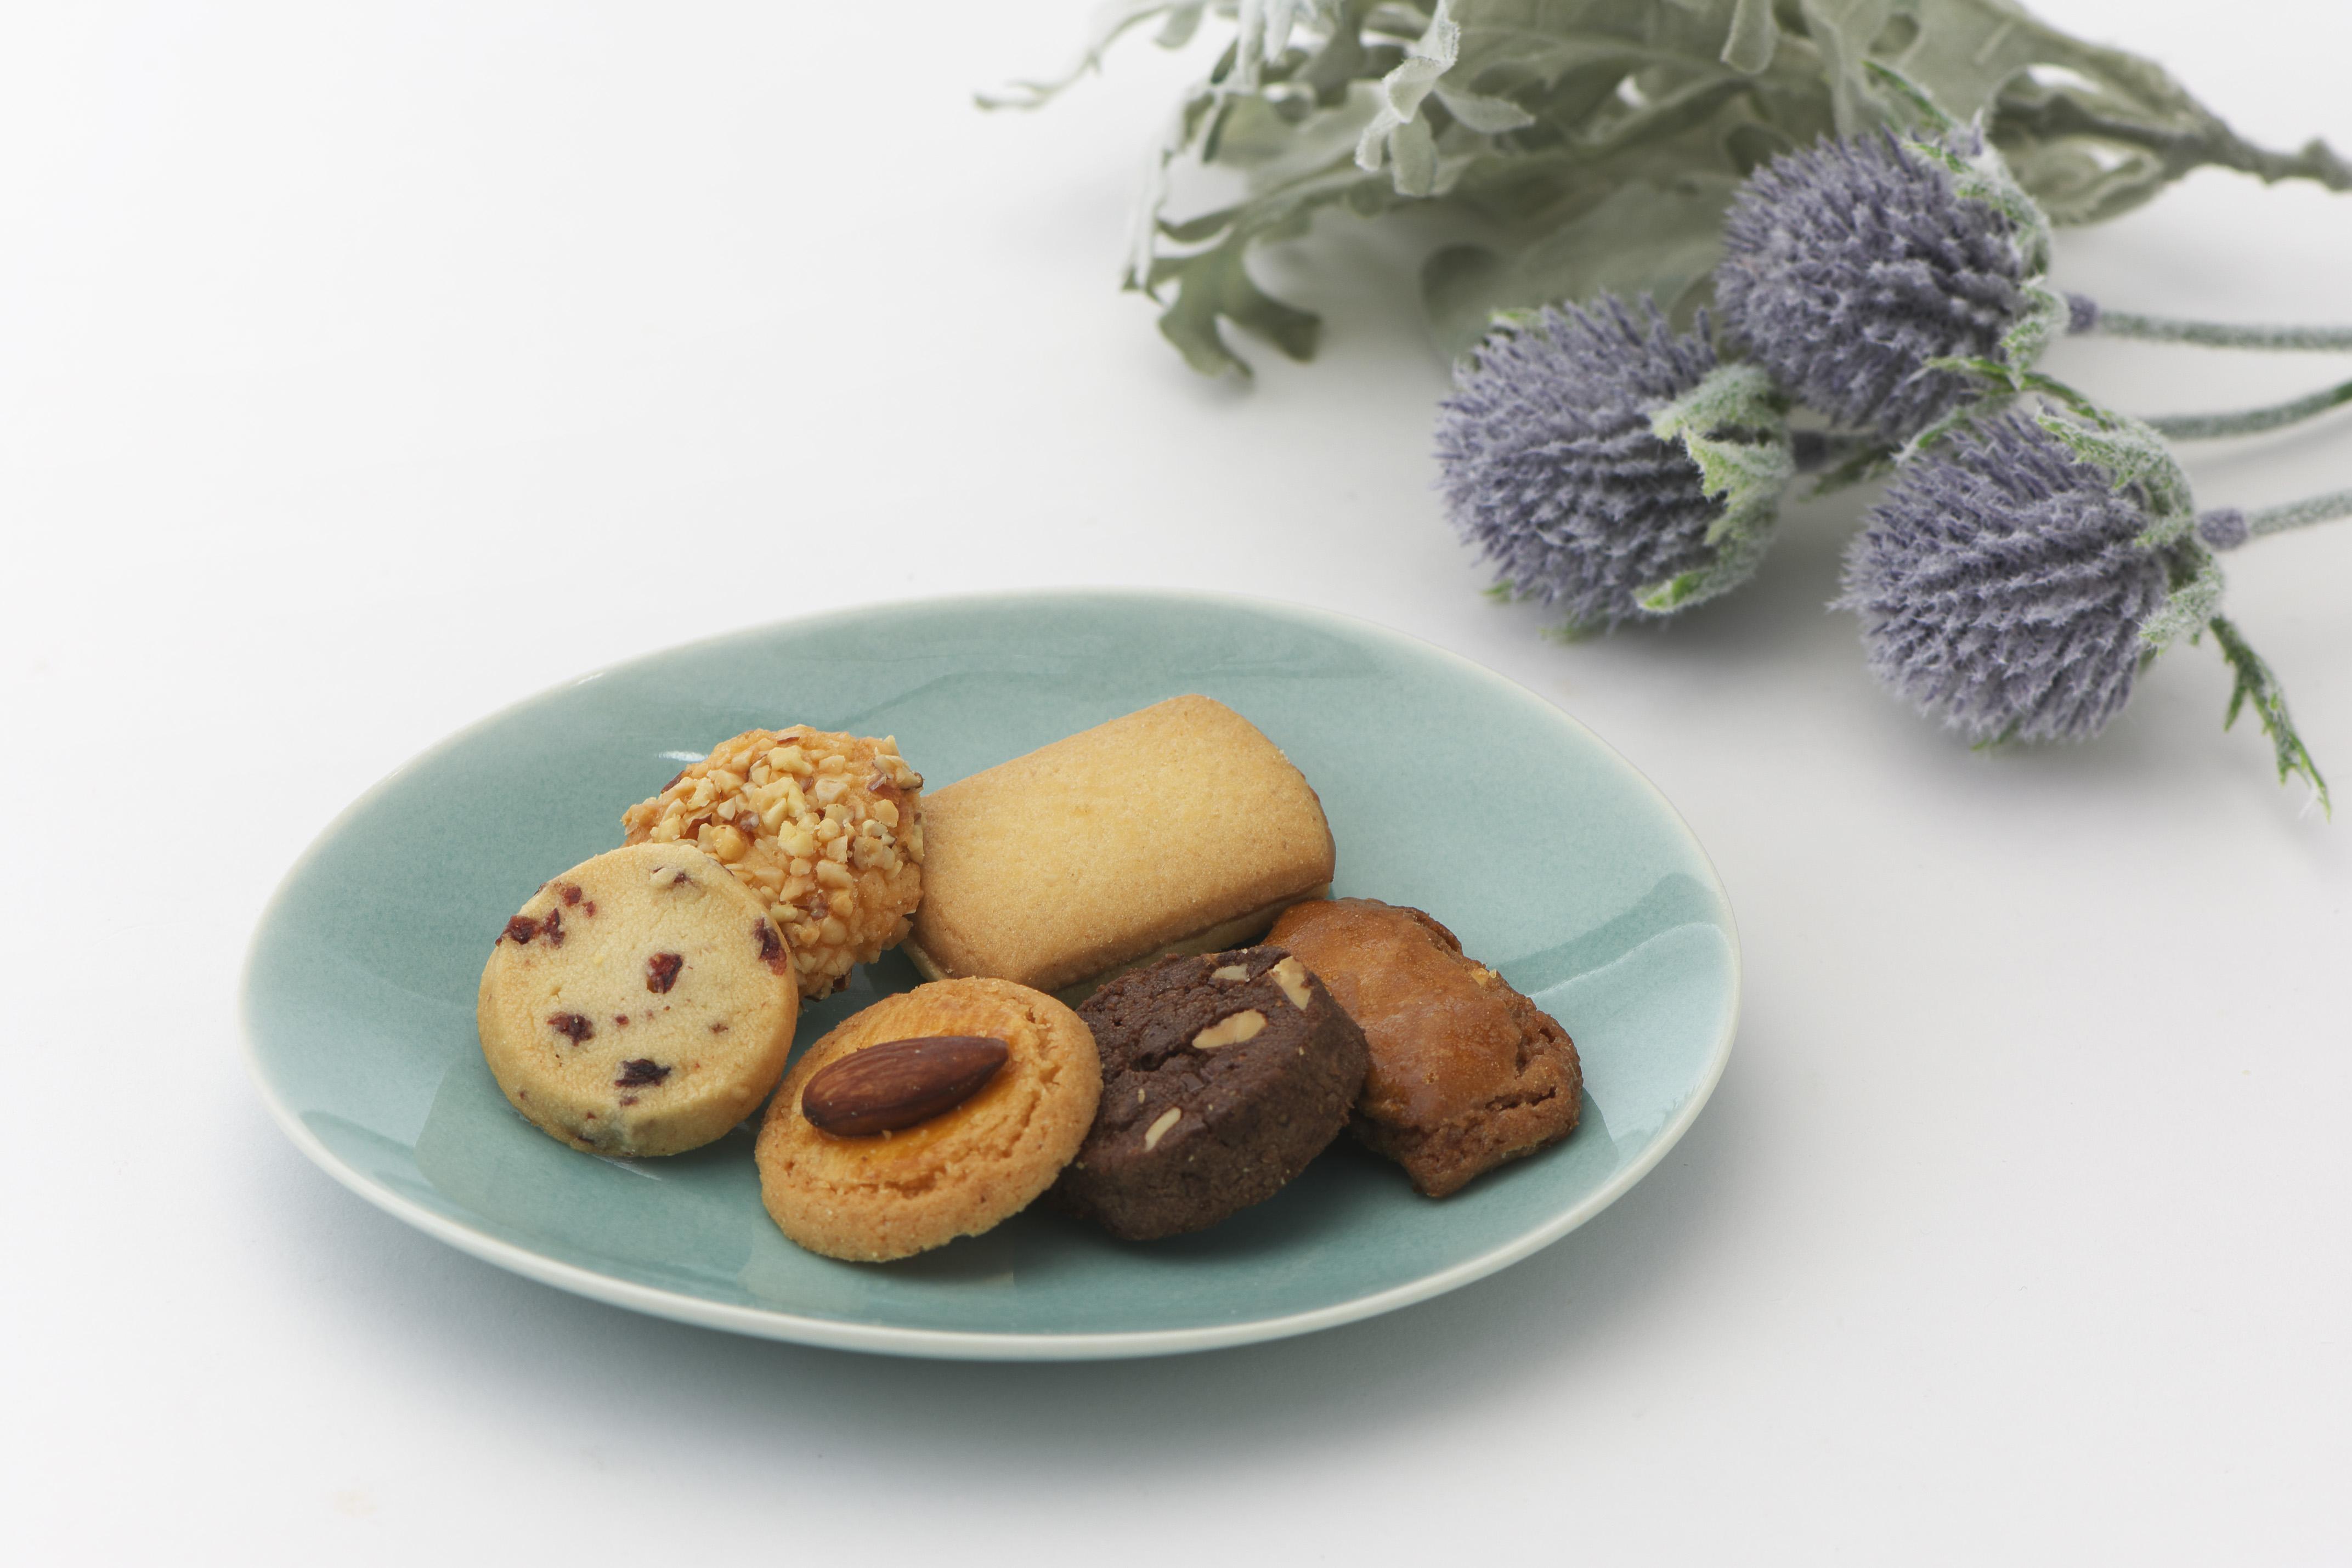 おうちでカフェタイム!フルーリアロイスダールの焼き菓子で素敵なティータイムを。